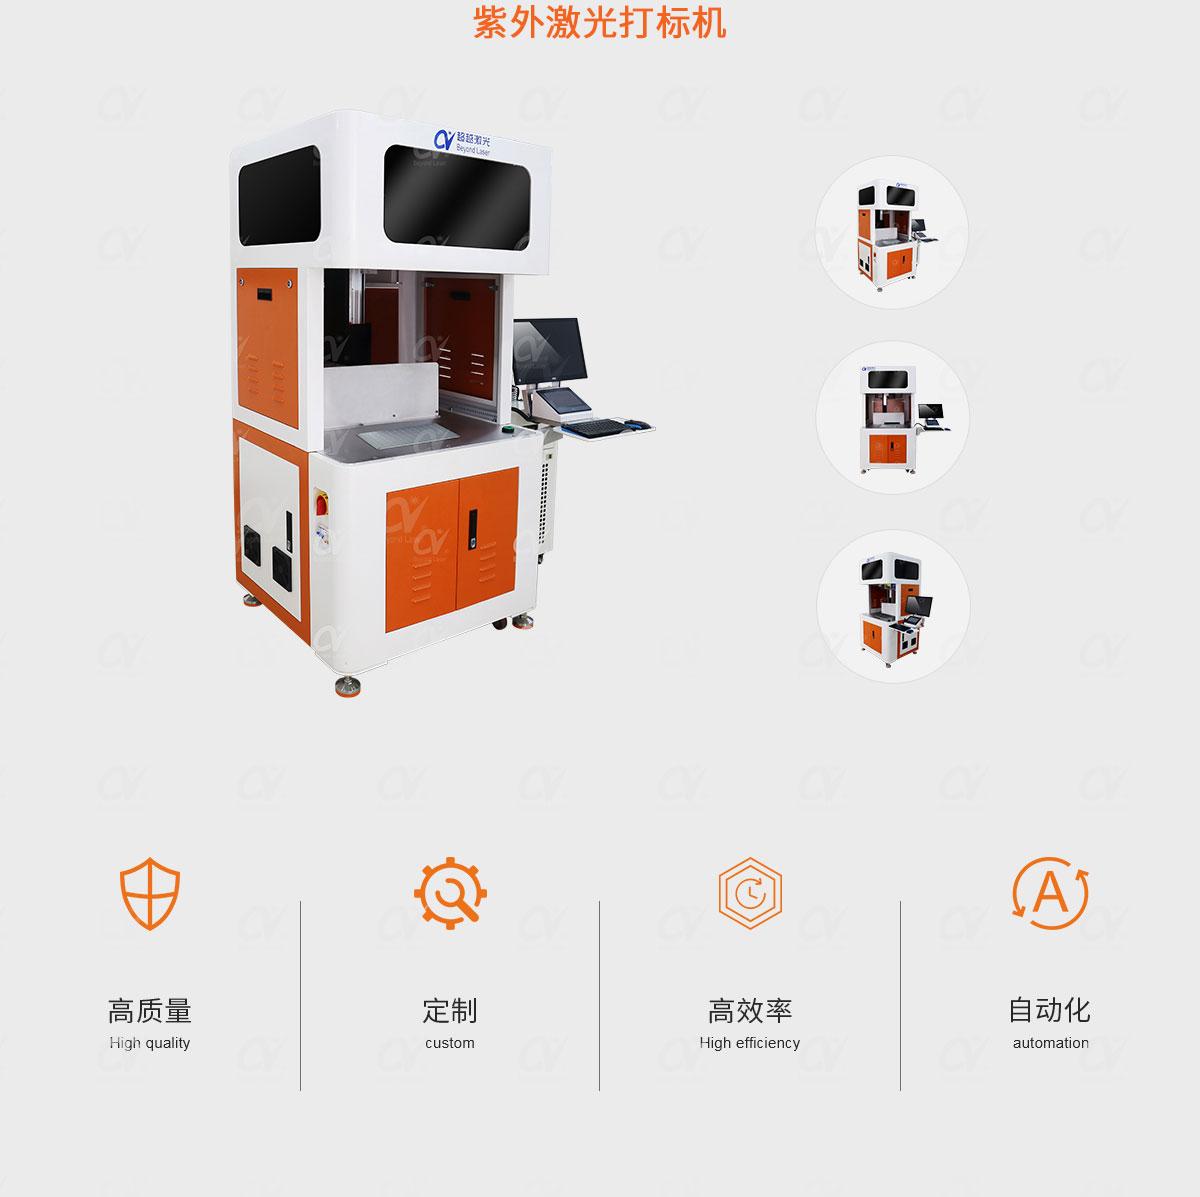 紫外激光打标机产品简介.jpg